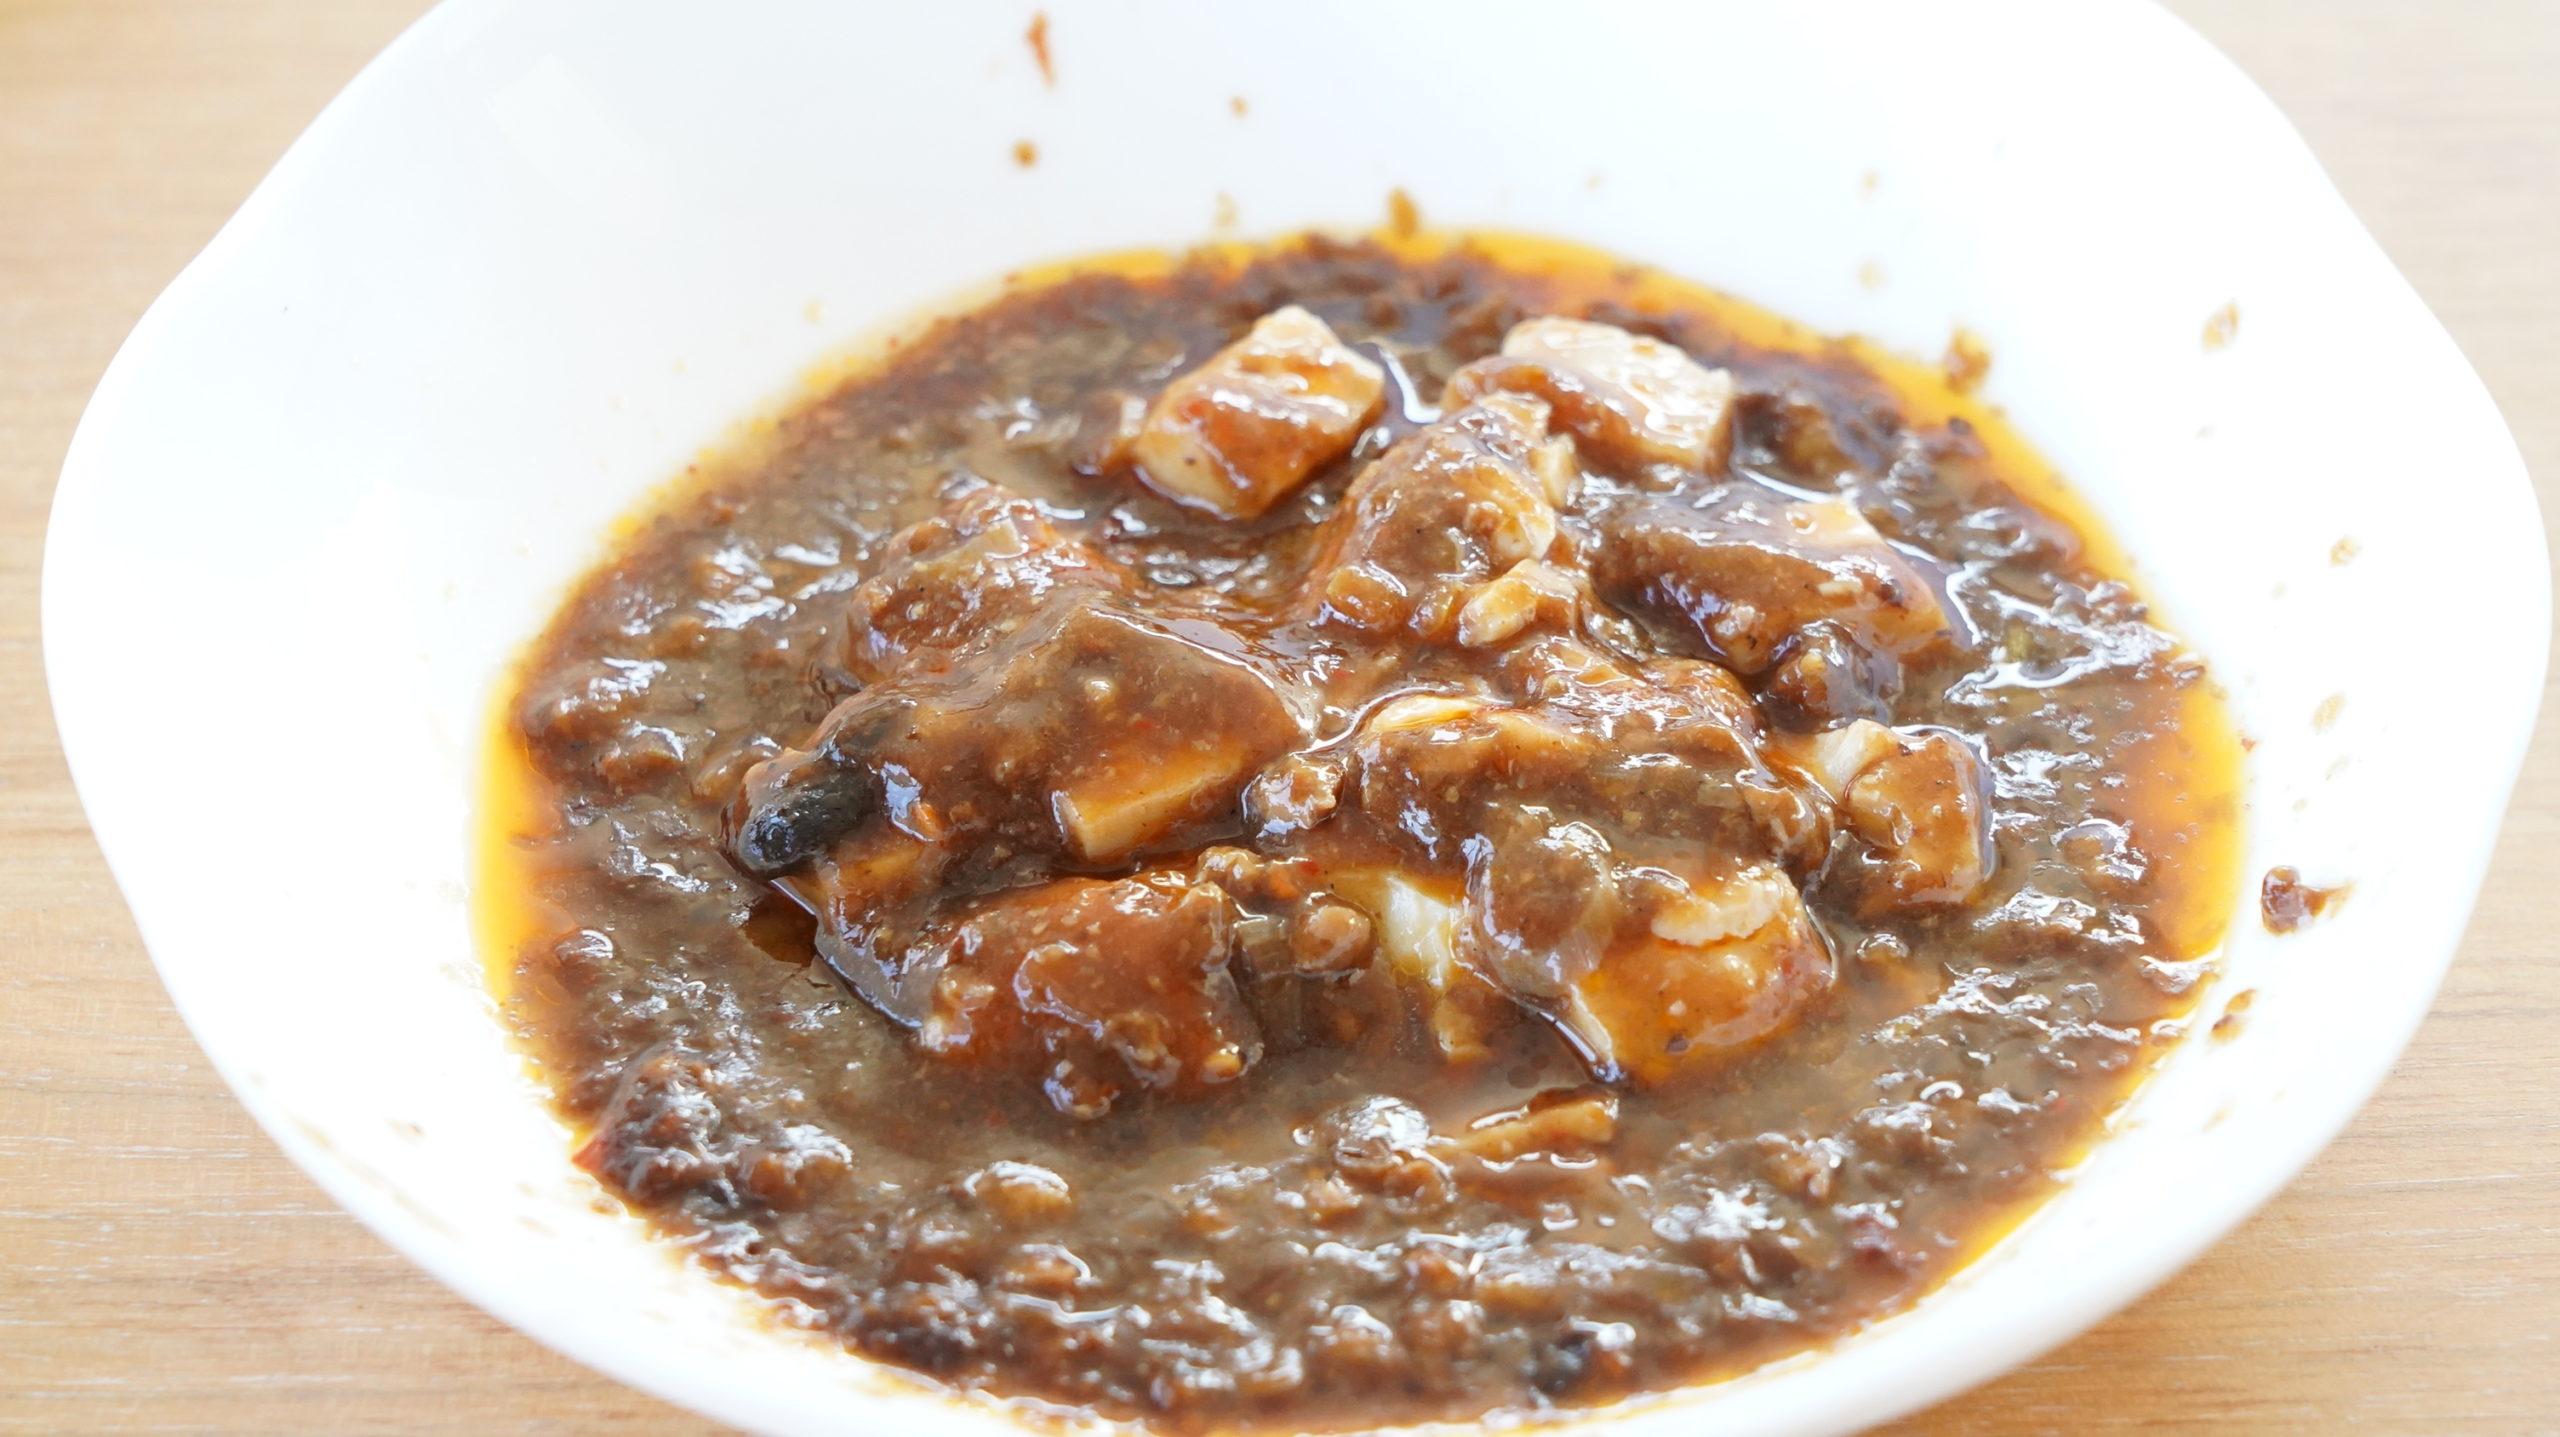 ローソンの冷凍食品「四川風麻婆豆腐」の拡大写真